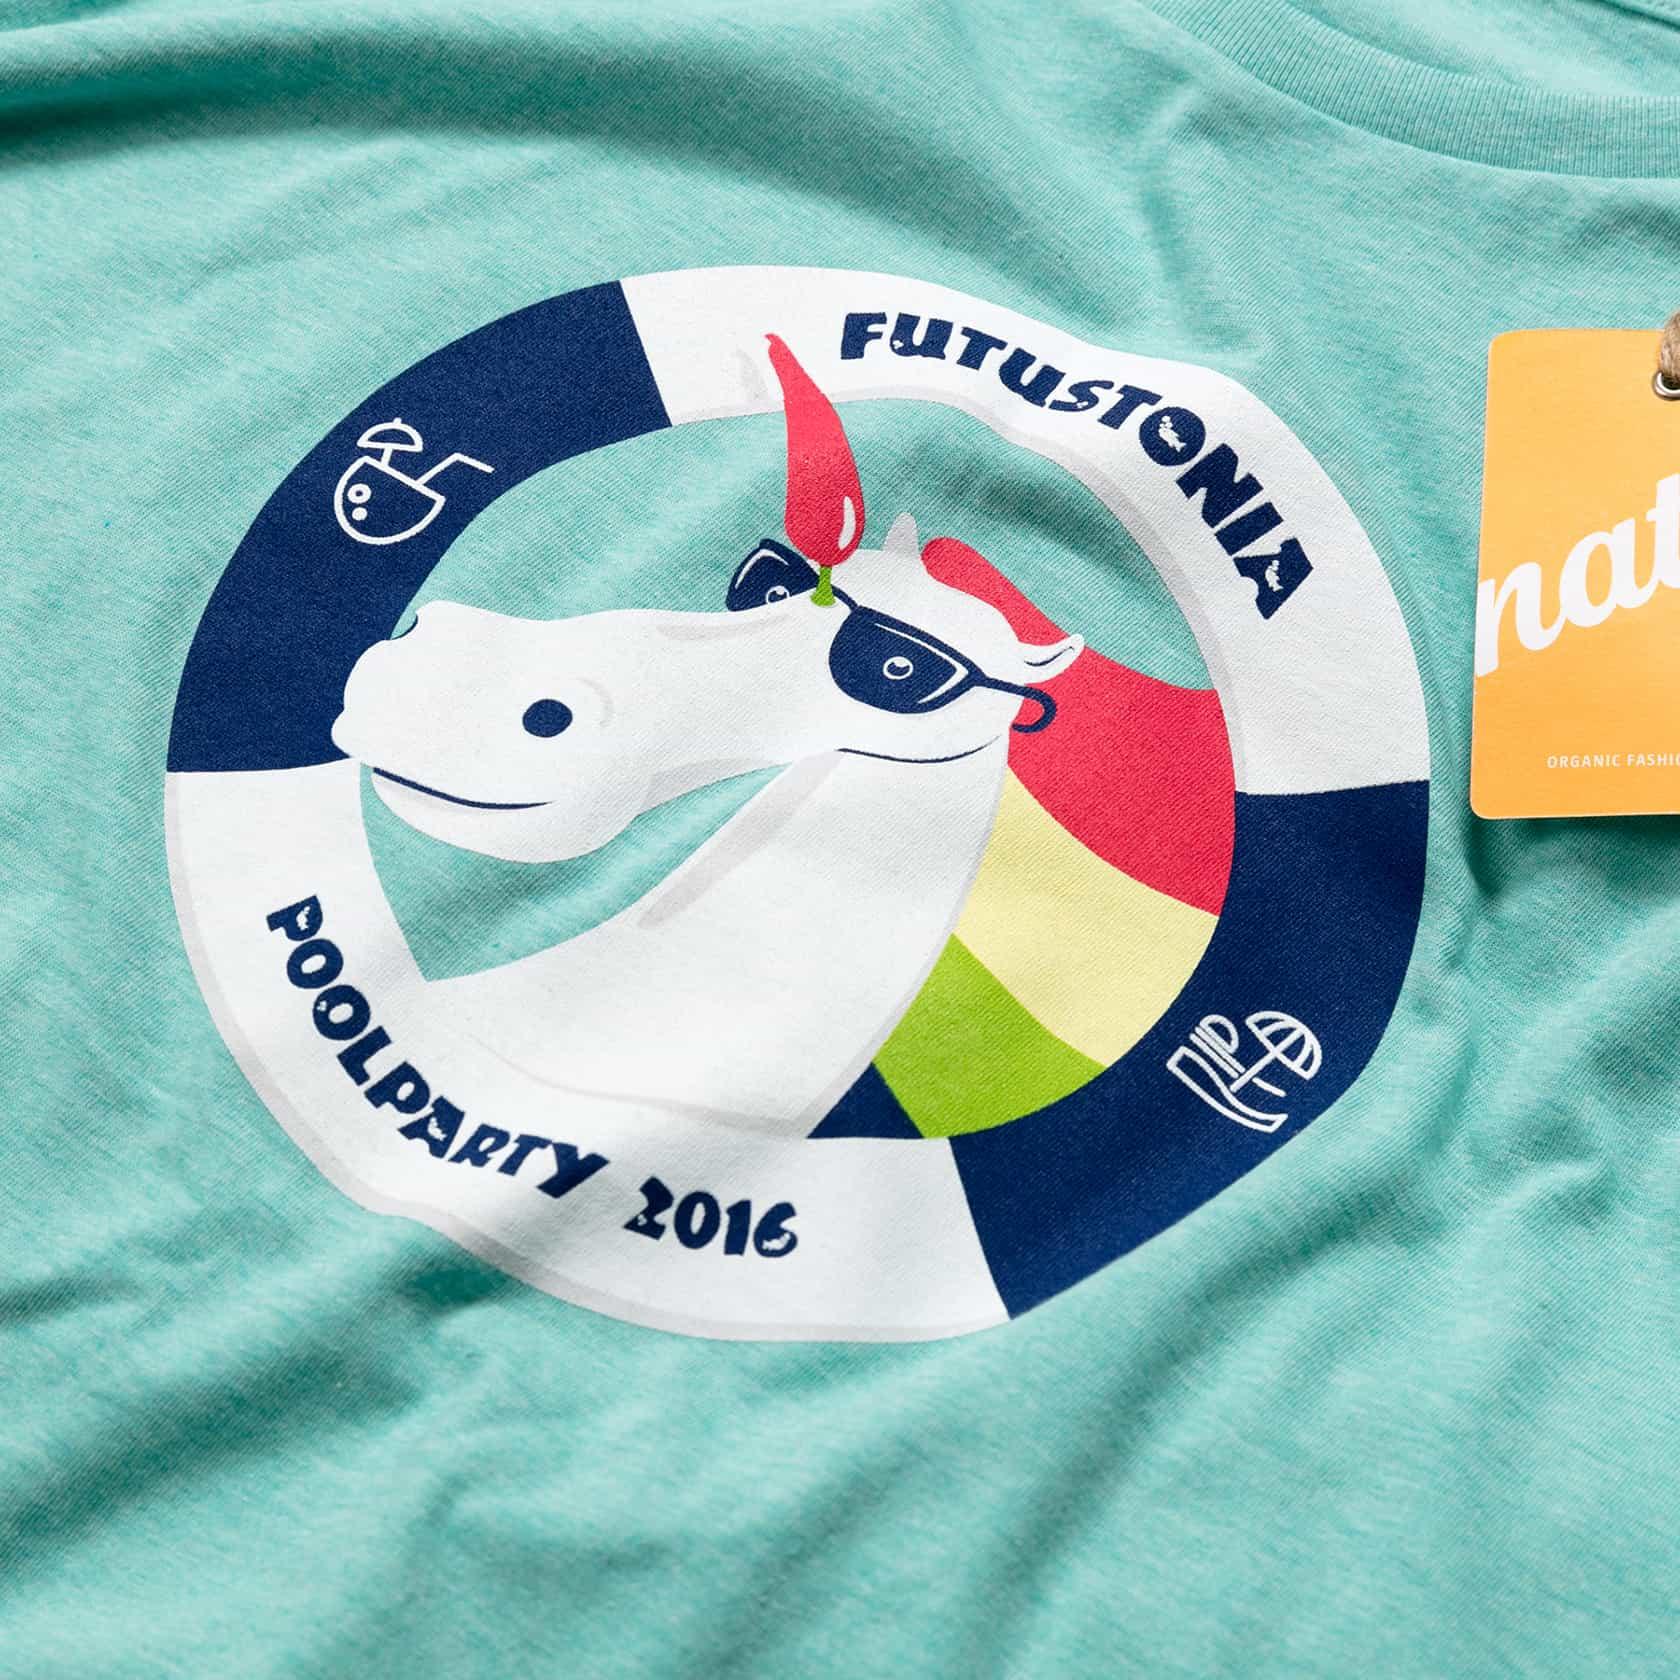 Futuricen vihertävä meleerattu t-paita ja monivärinen t-paita painatus